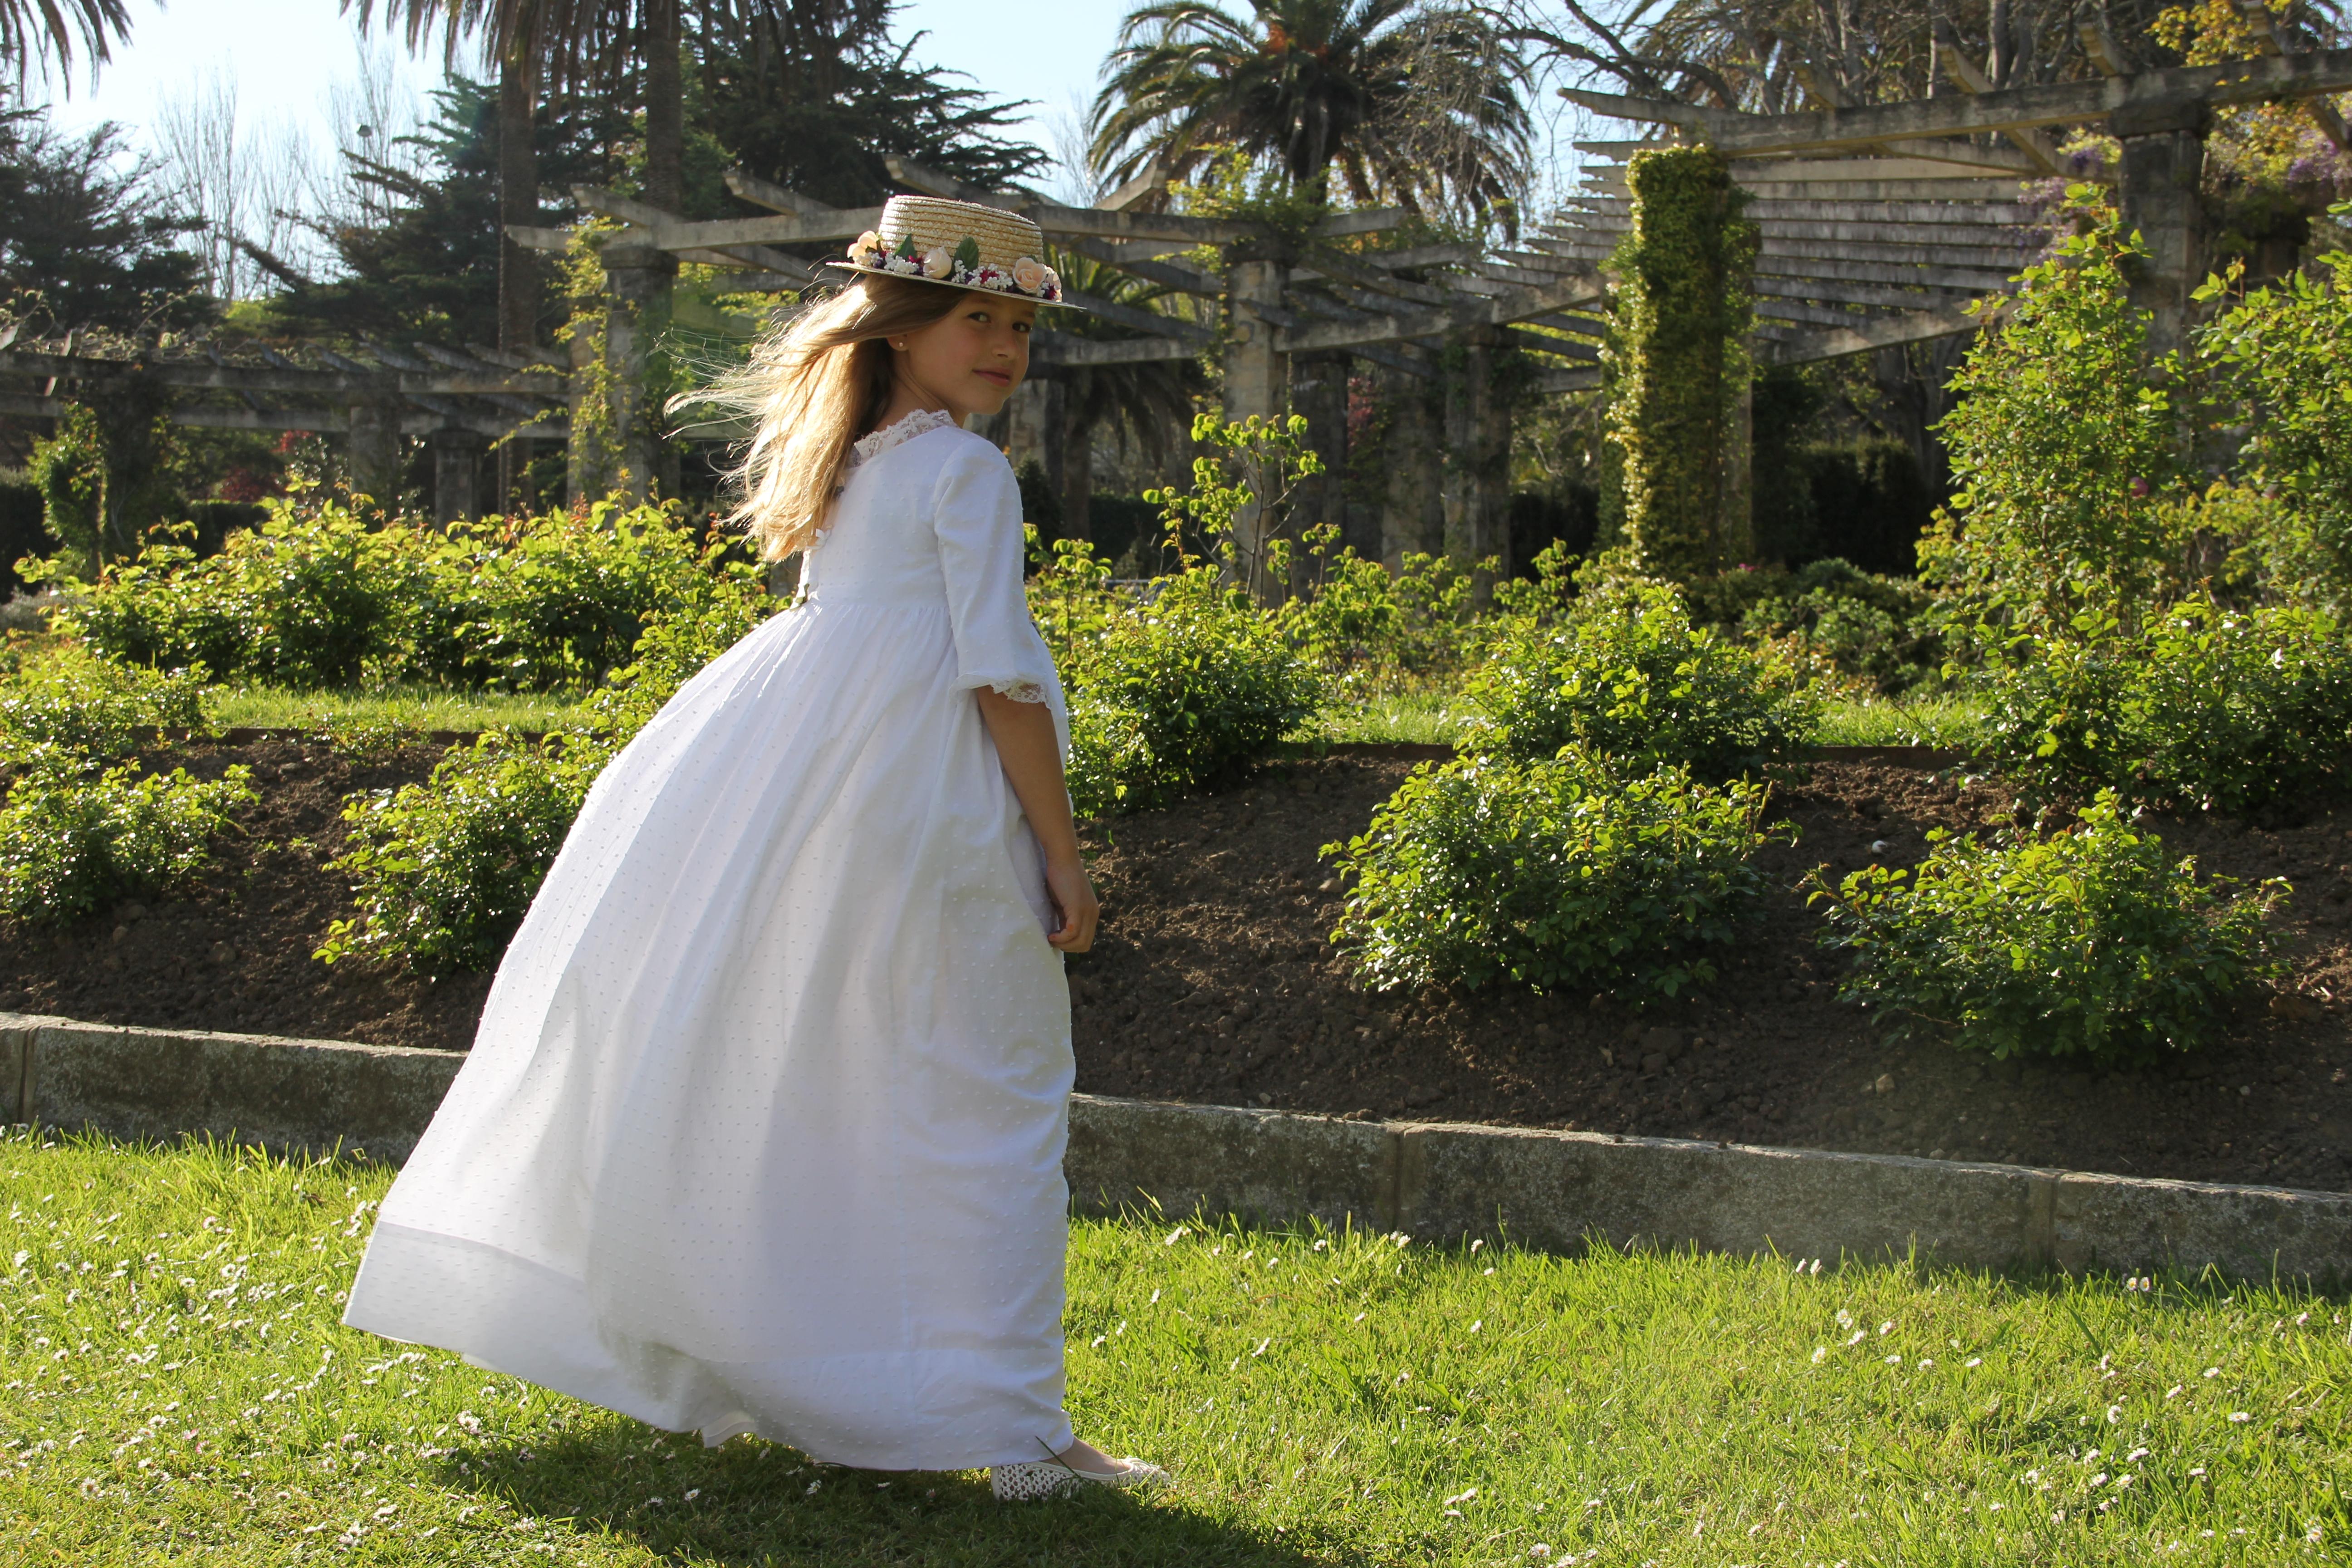 vestido-de-comunion-hecho-a-mano-vestido-de-comunión-personalizado-vestido-de-comunion-plumeti